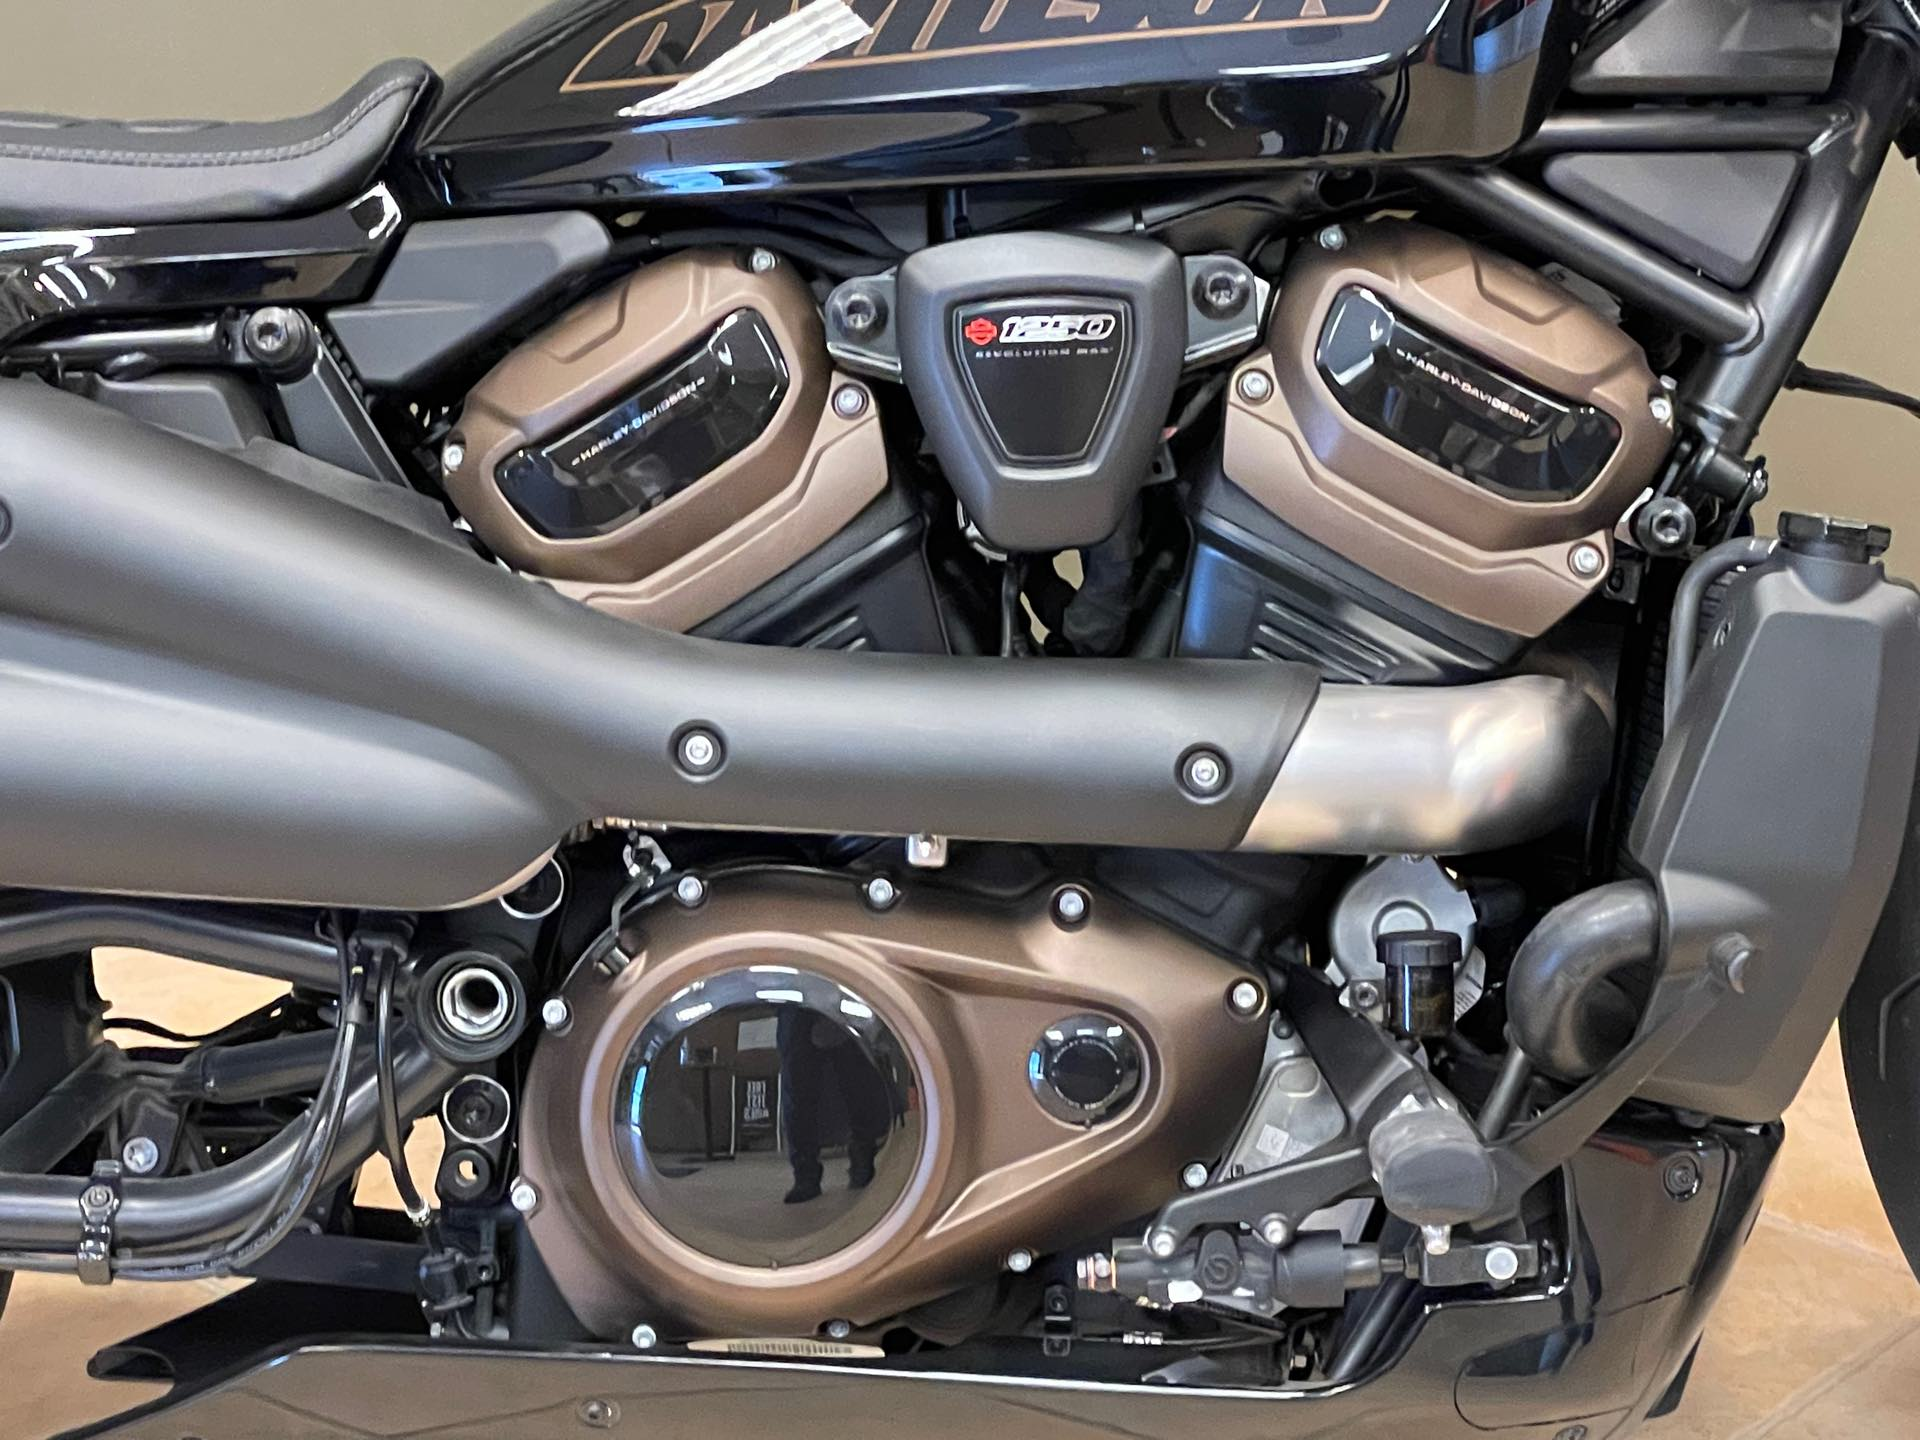 2021 Harley-Davidson Sportster S at Loess Hills Harley-Davidson